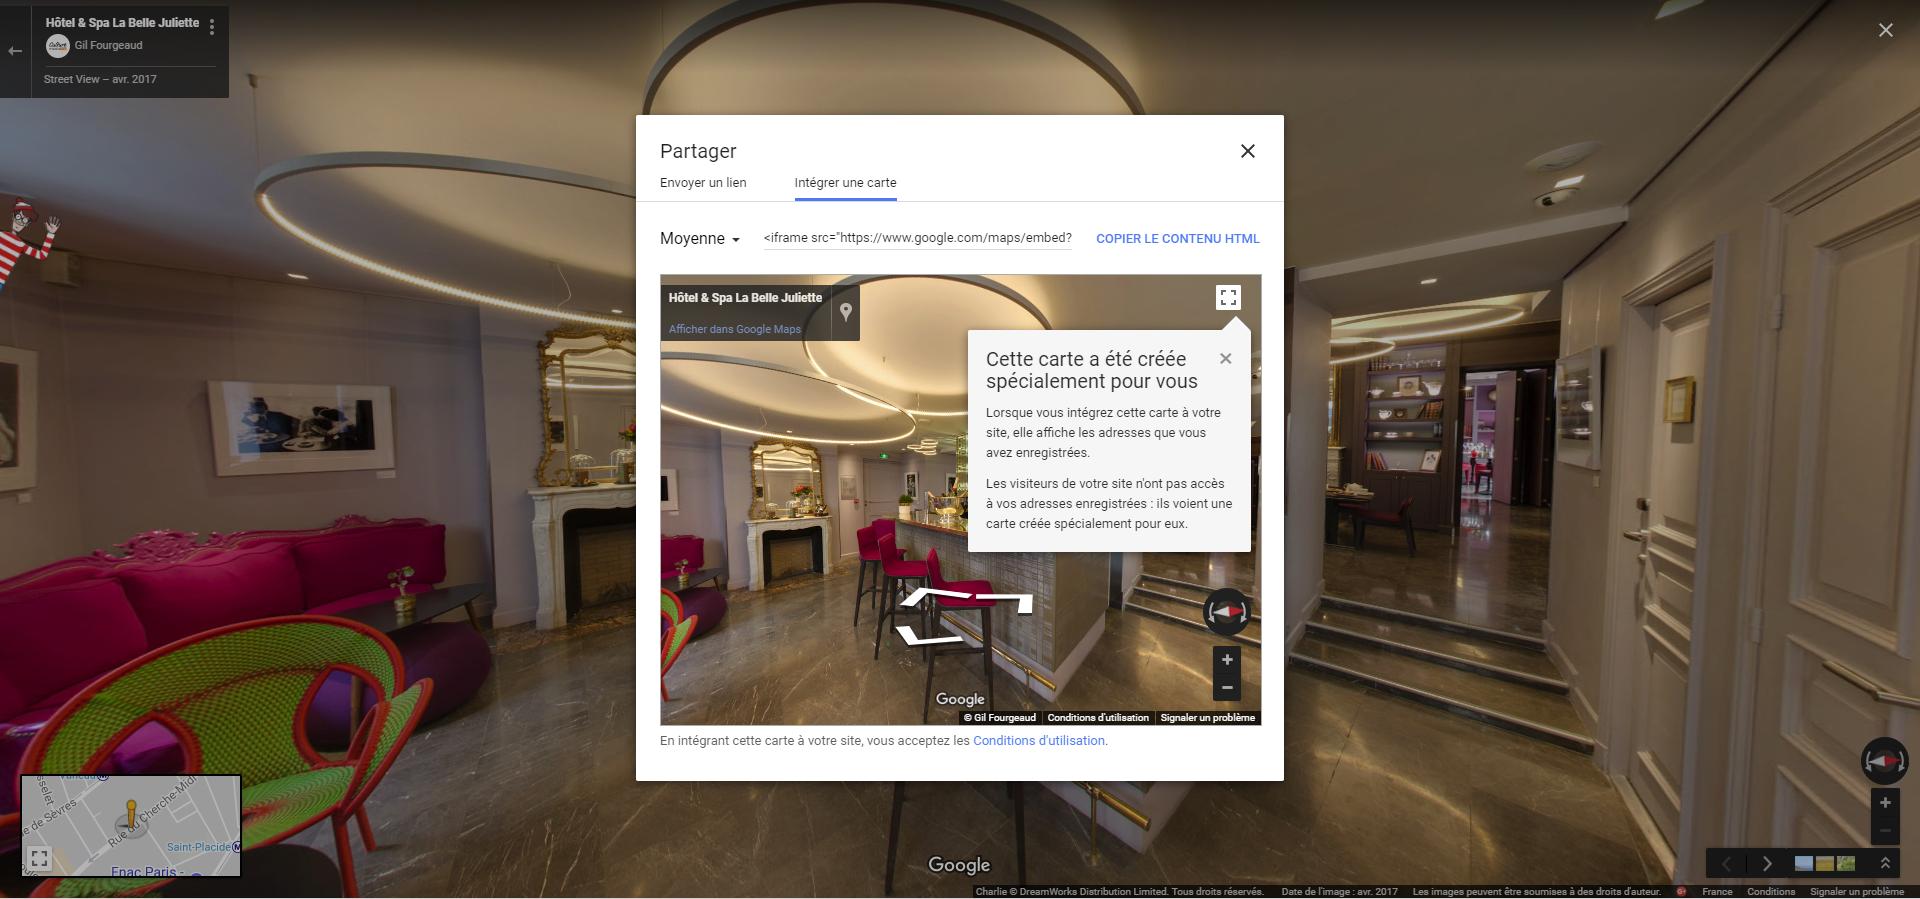 Avec La Visite Virtuelle Google Le Rfrencement Peut Tre Largement Optimis En Utilisant Ces Prises De Vues Sur Votre Site Internet Et Rseaux Sociaux